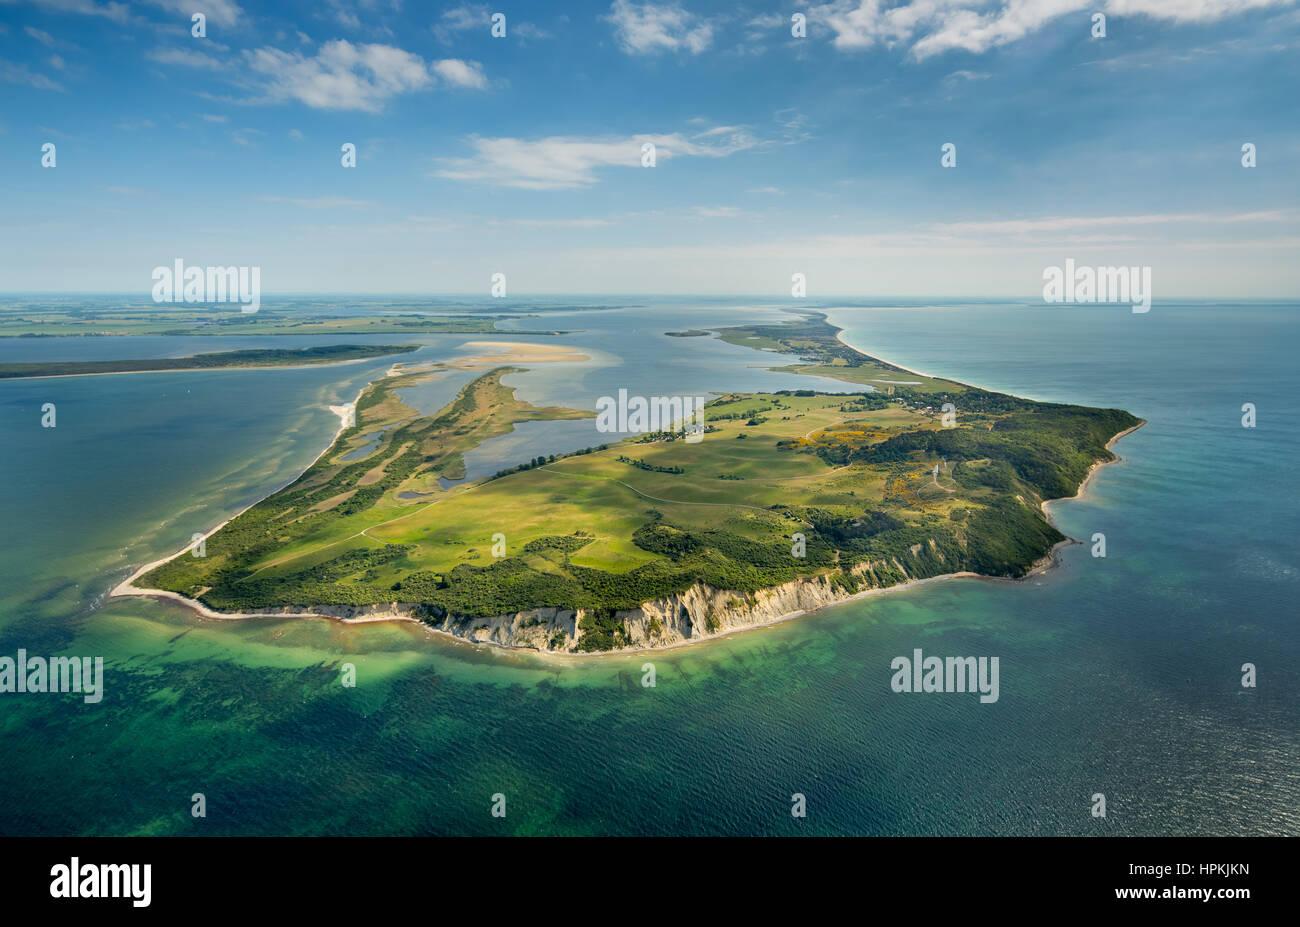 Vista desde el norte de la isla, Isla Hiddensee Hiddensee, costa báltica, Pomerania Occidental, Mecklenburg-West Pomerania, Alemania Foto de stock